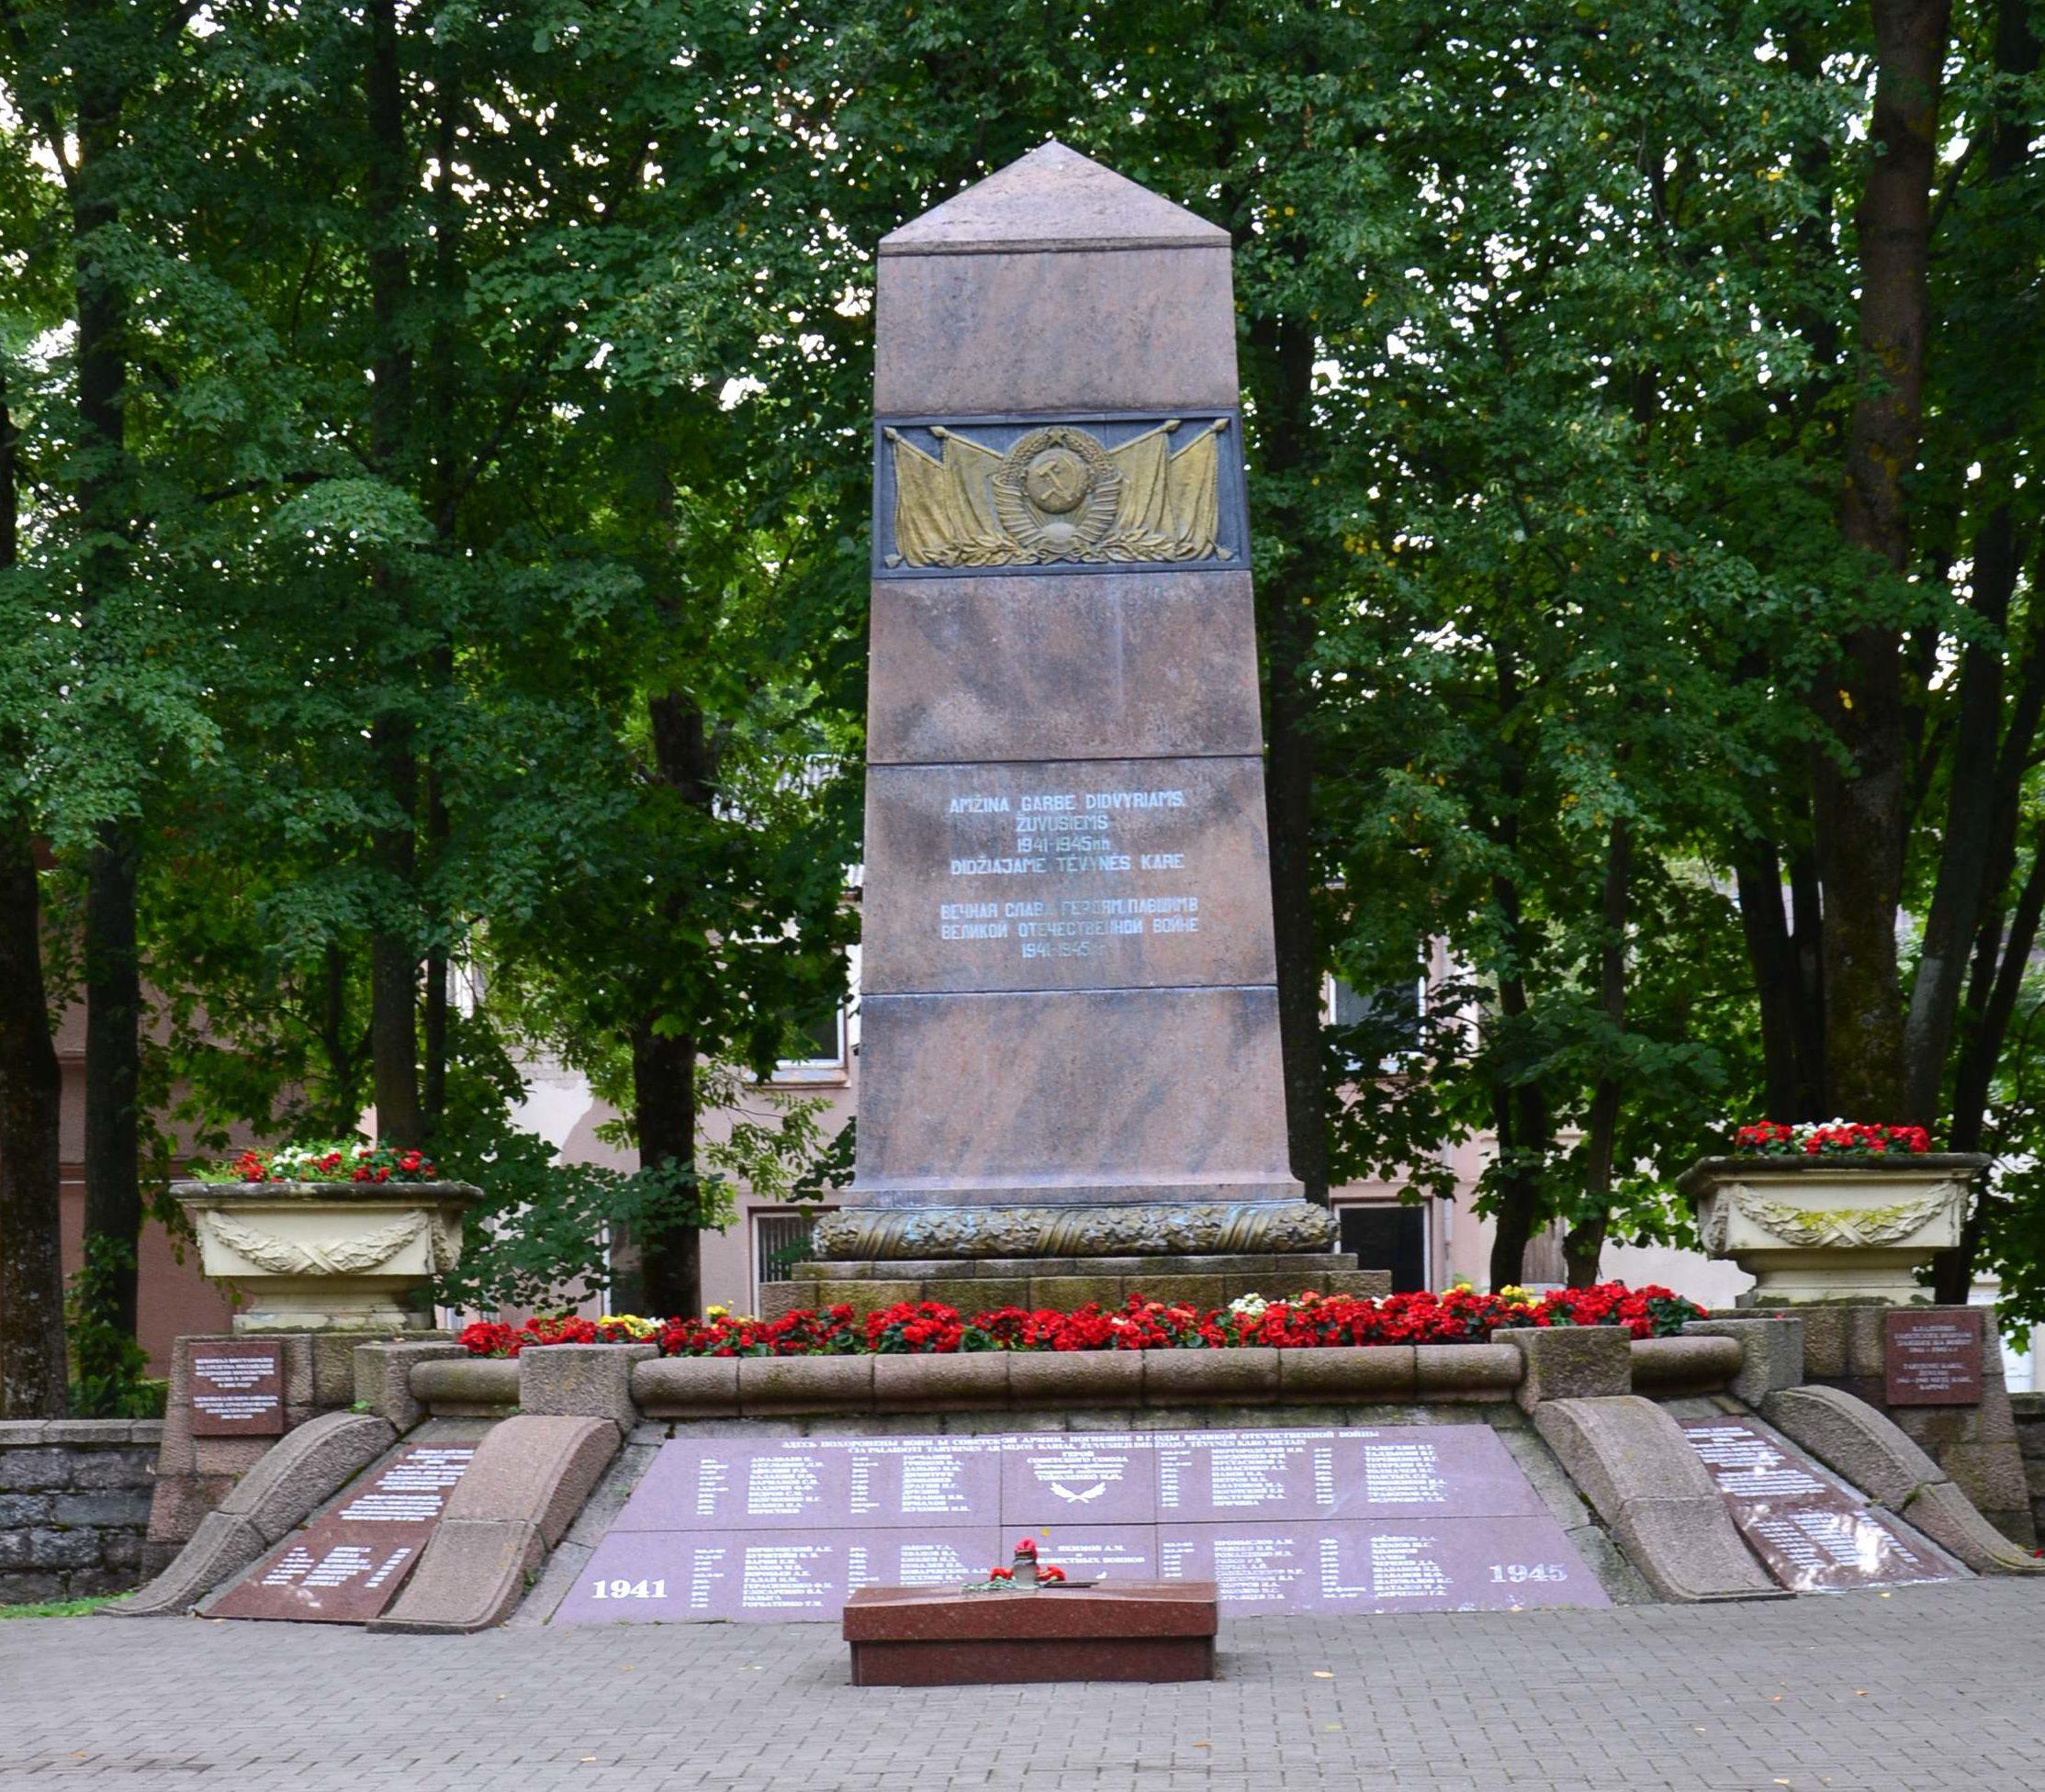 г. Паланга Клайпедского р-на. Памятник по улице Витауто, установлен на братской могиле, где похоронено 106 воинов, погибших в 1944 году, в т.ч. 7 неизвестных. Здесь похоронен Герой Советского Союза летчик М. Тоболенко.